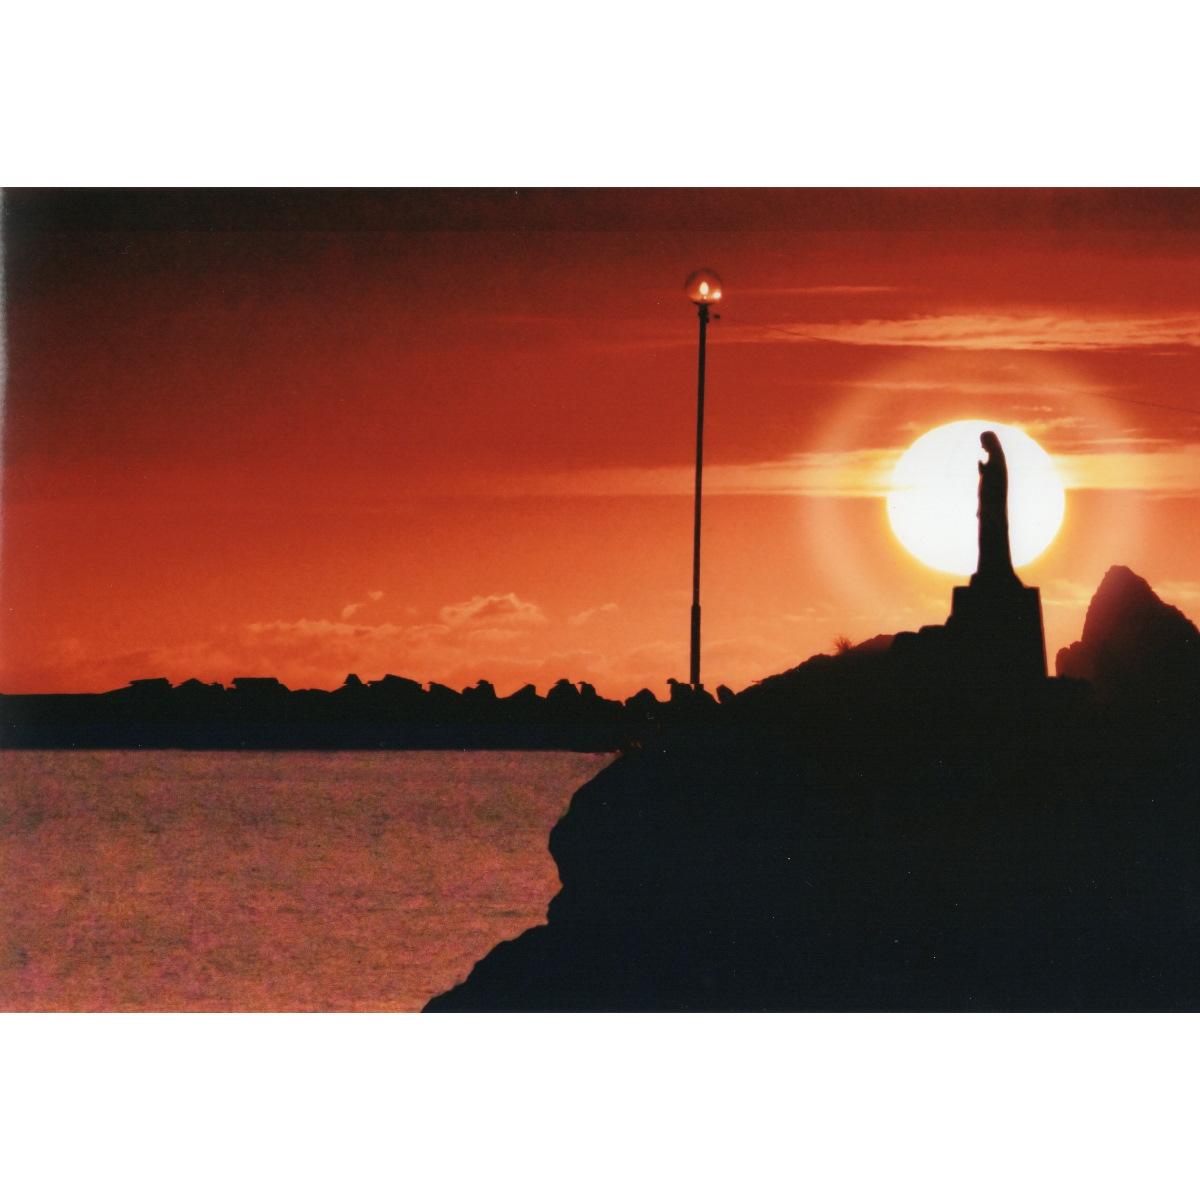 【大感謝価格 】奇跡の写真 秋元隆良 夕陽のマリア像